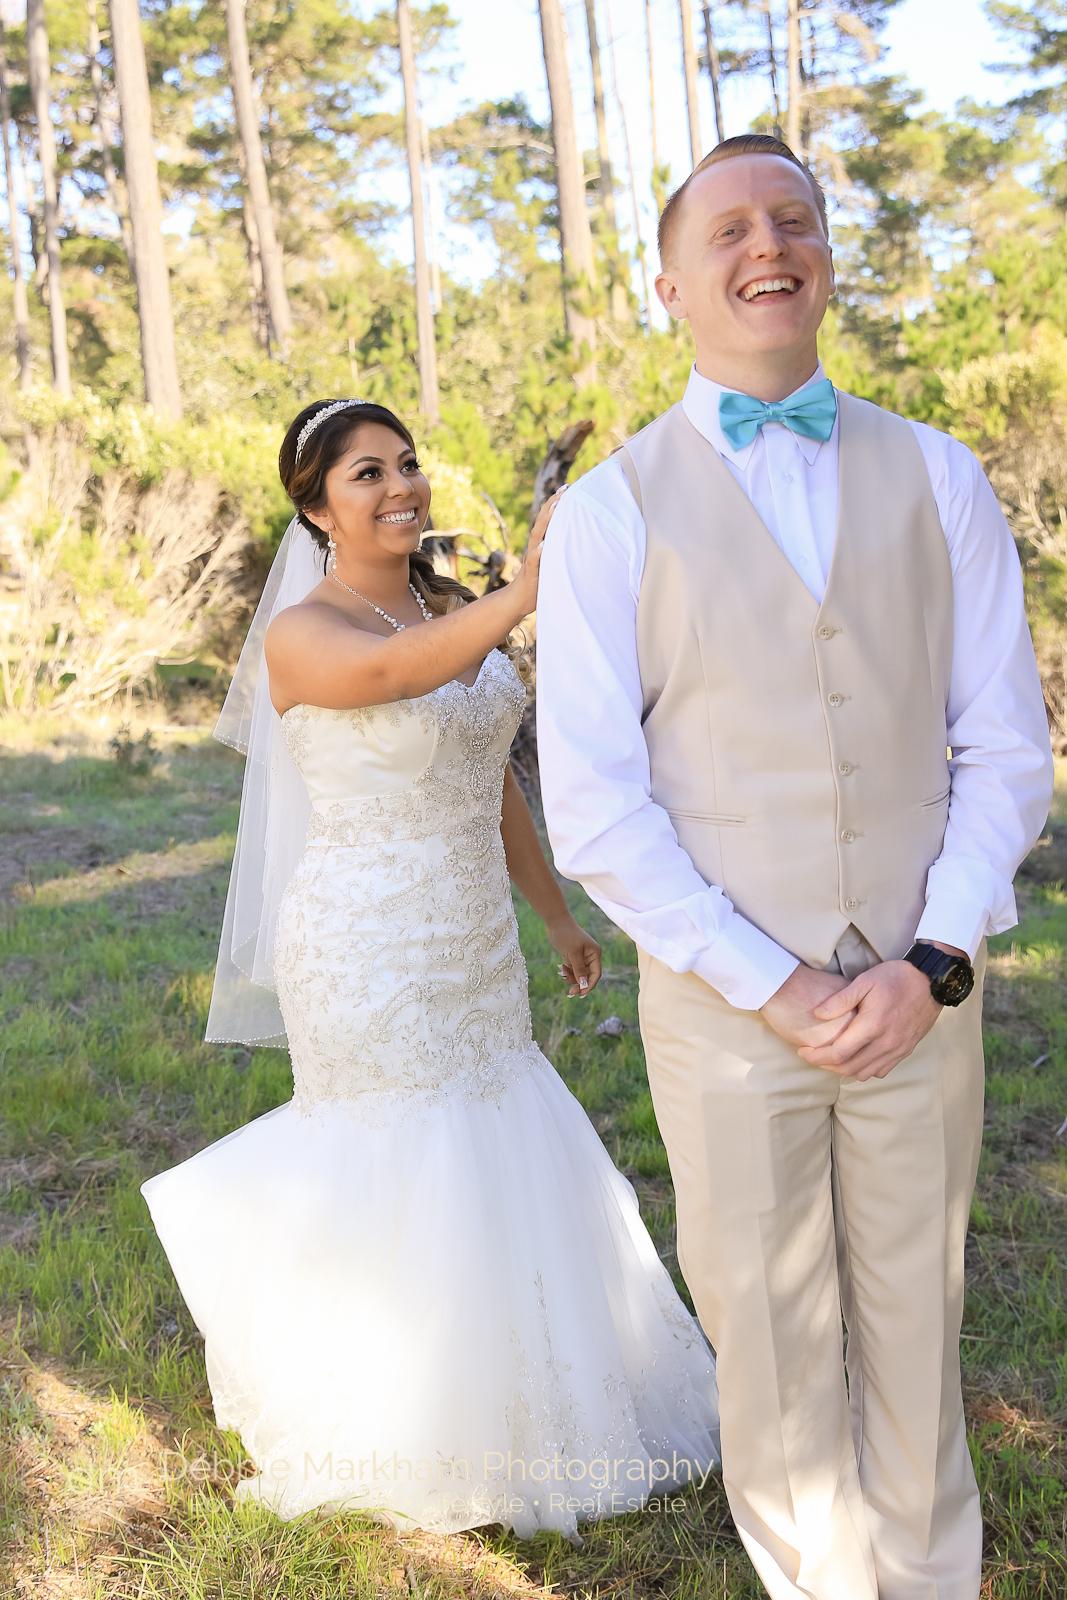 Cambria_Wedding_Photographer_Destination_Central Coast_California-1143